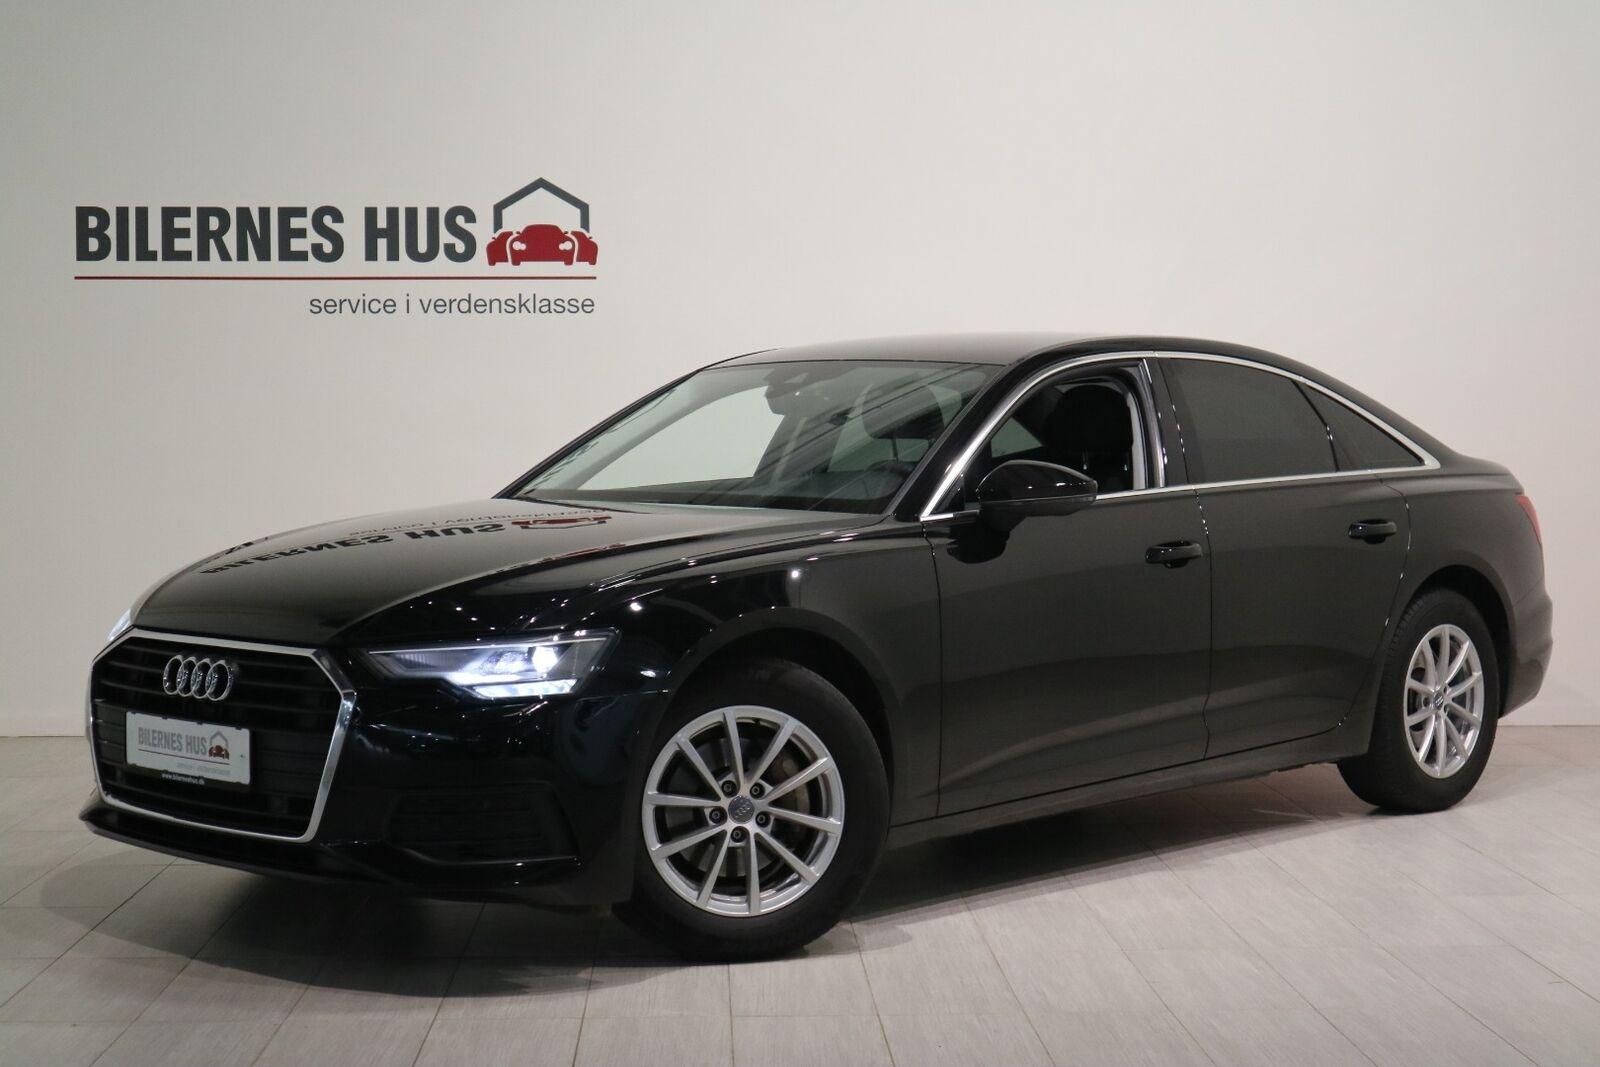 Audi A6 Billede 4